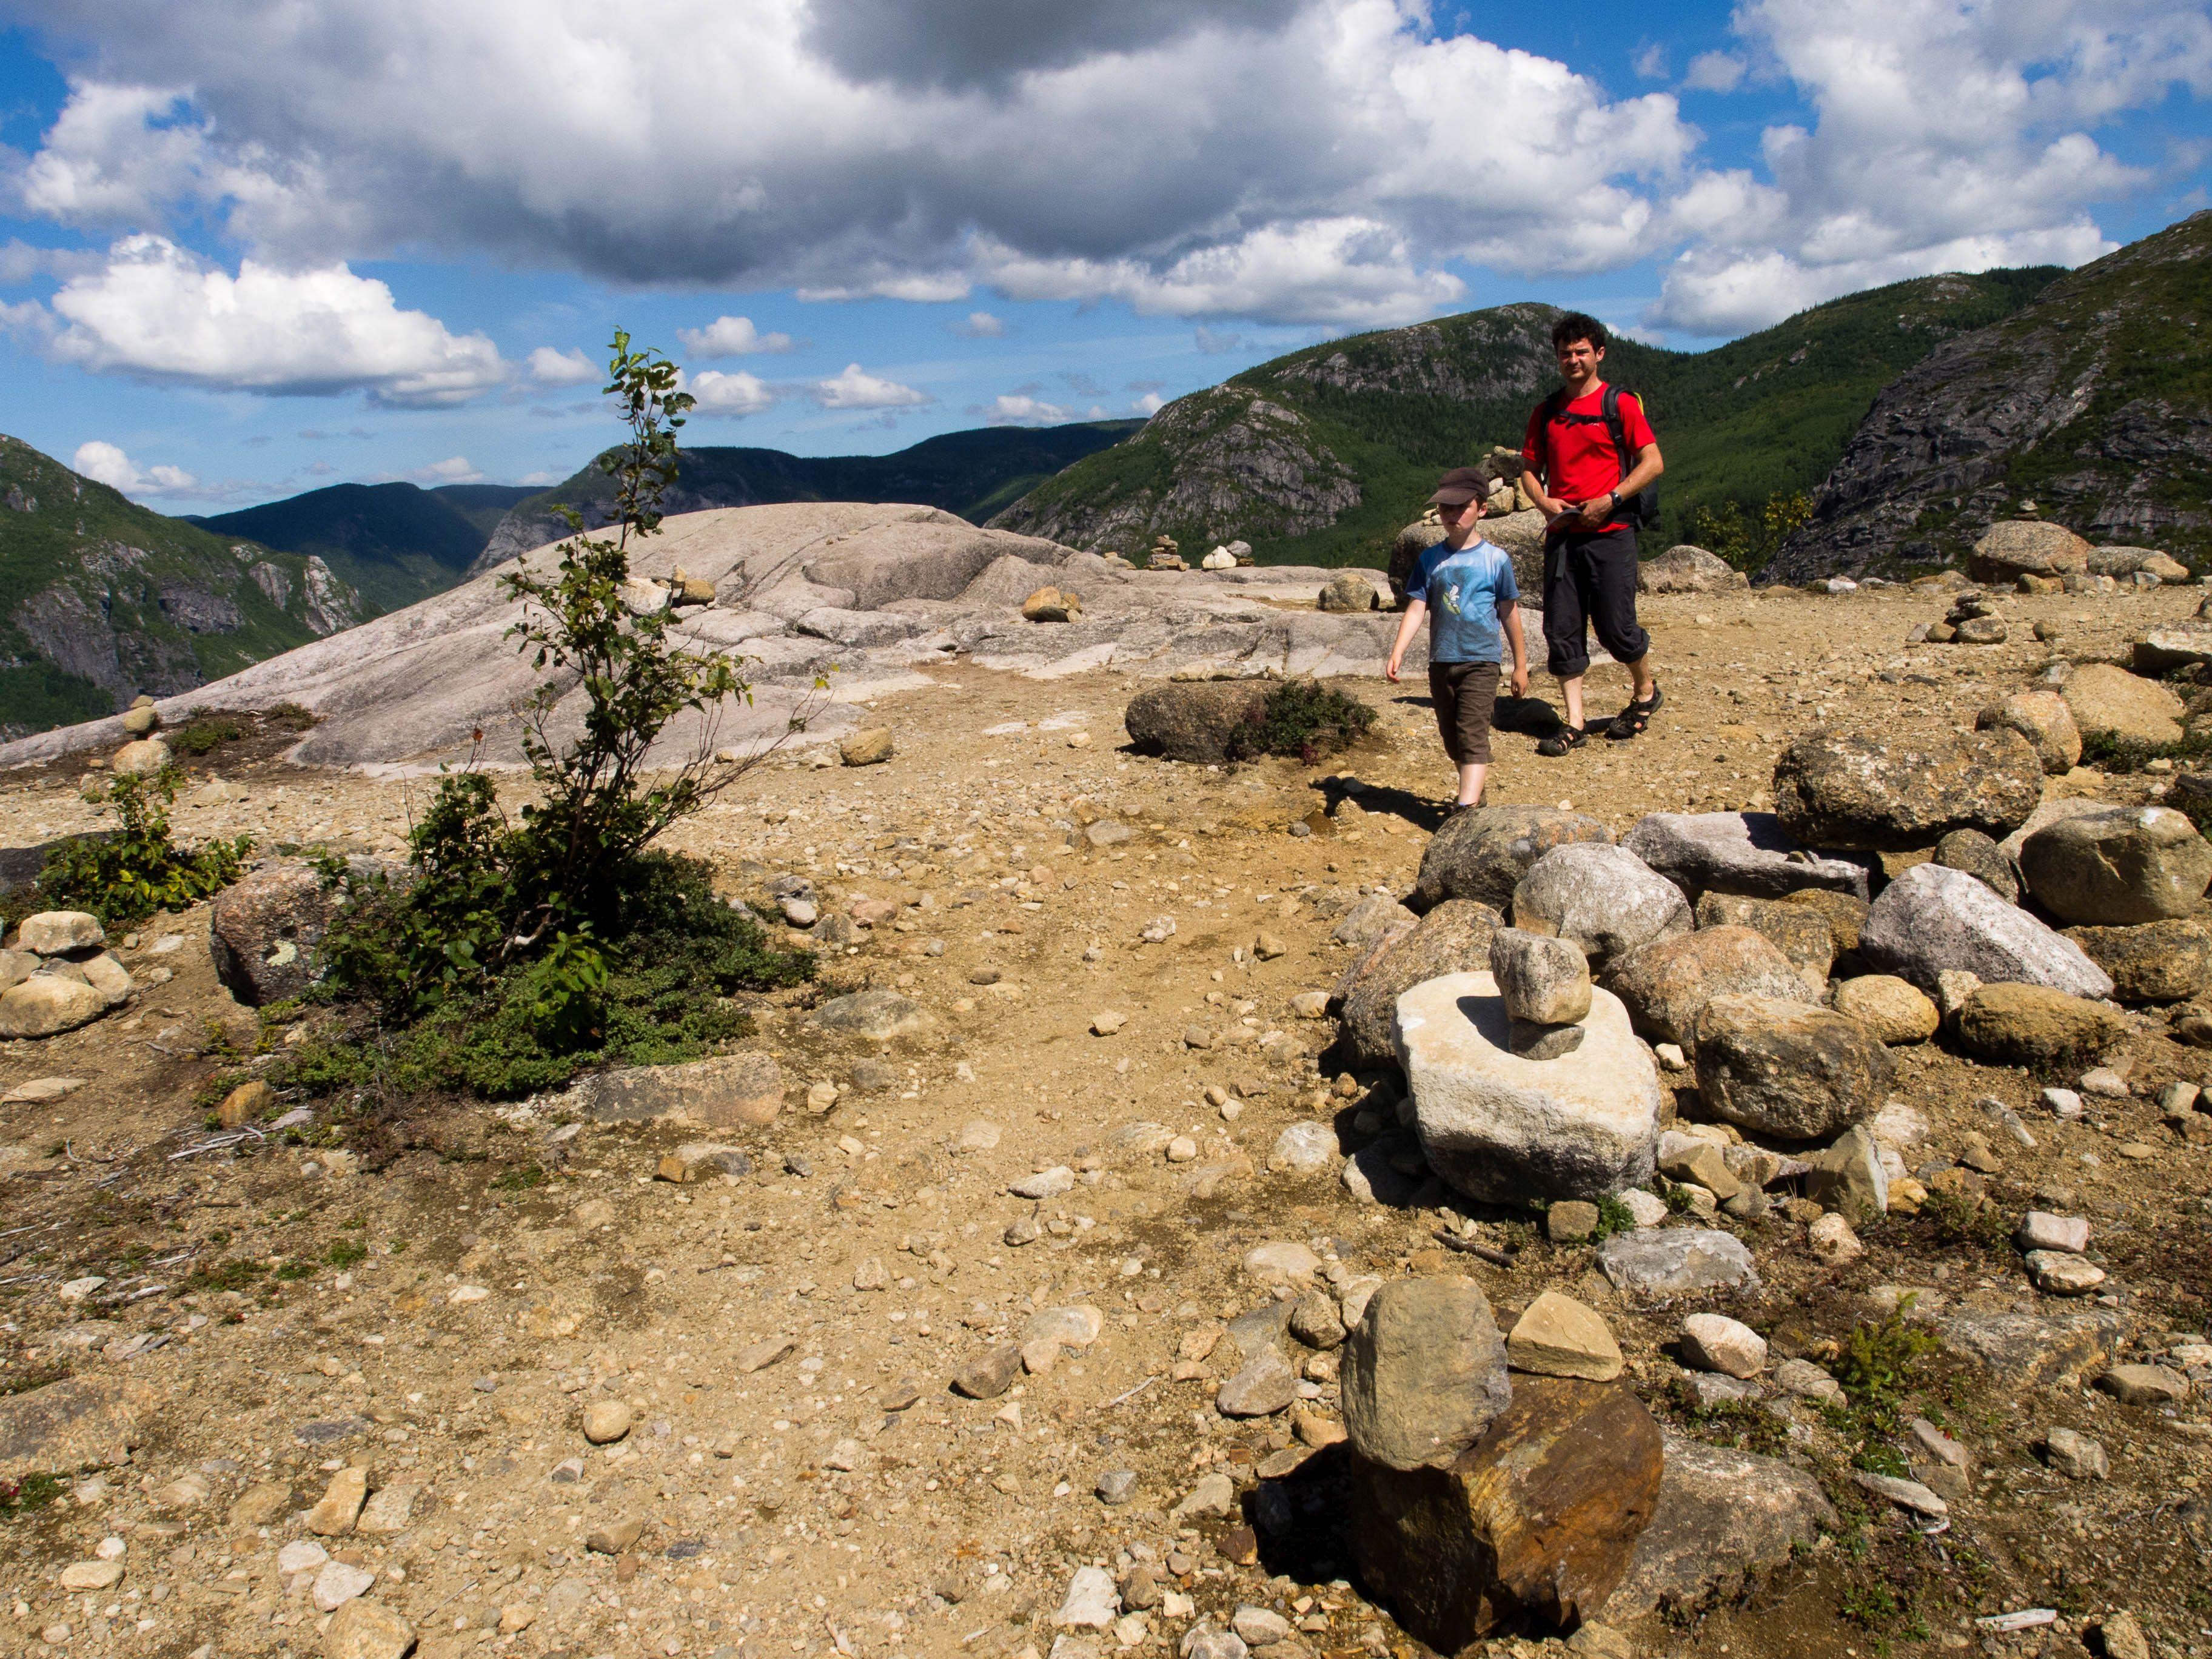 Nasza wyprawa do Kanady za 1300 zł w dwie strony (fot. Kamila Gruszka)